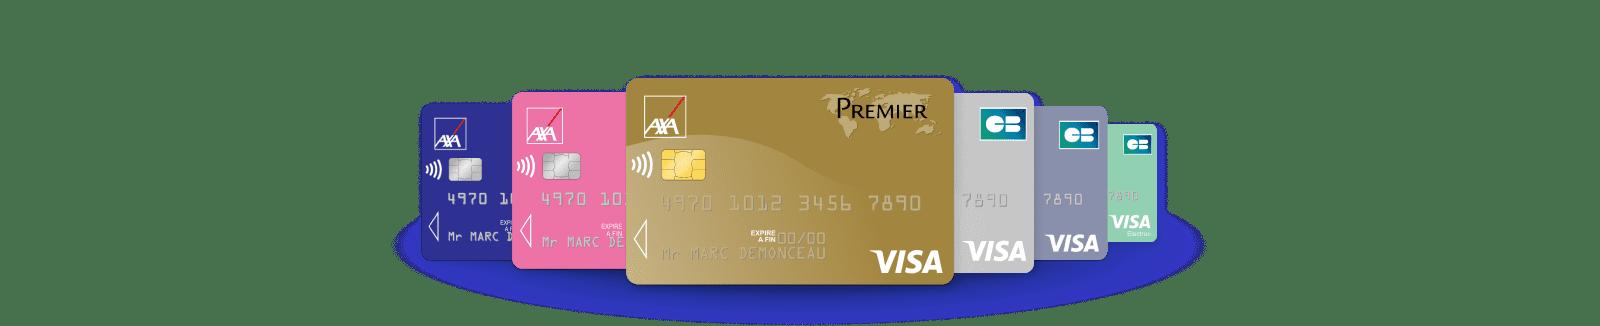 Cartes Bancaires Cartes De Paiement Axa Banque